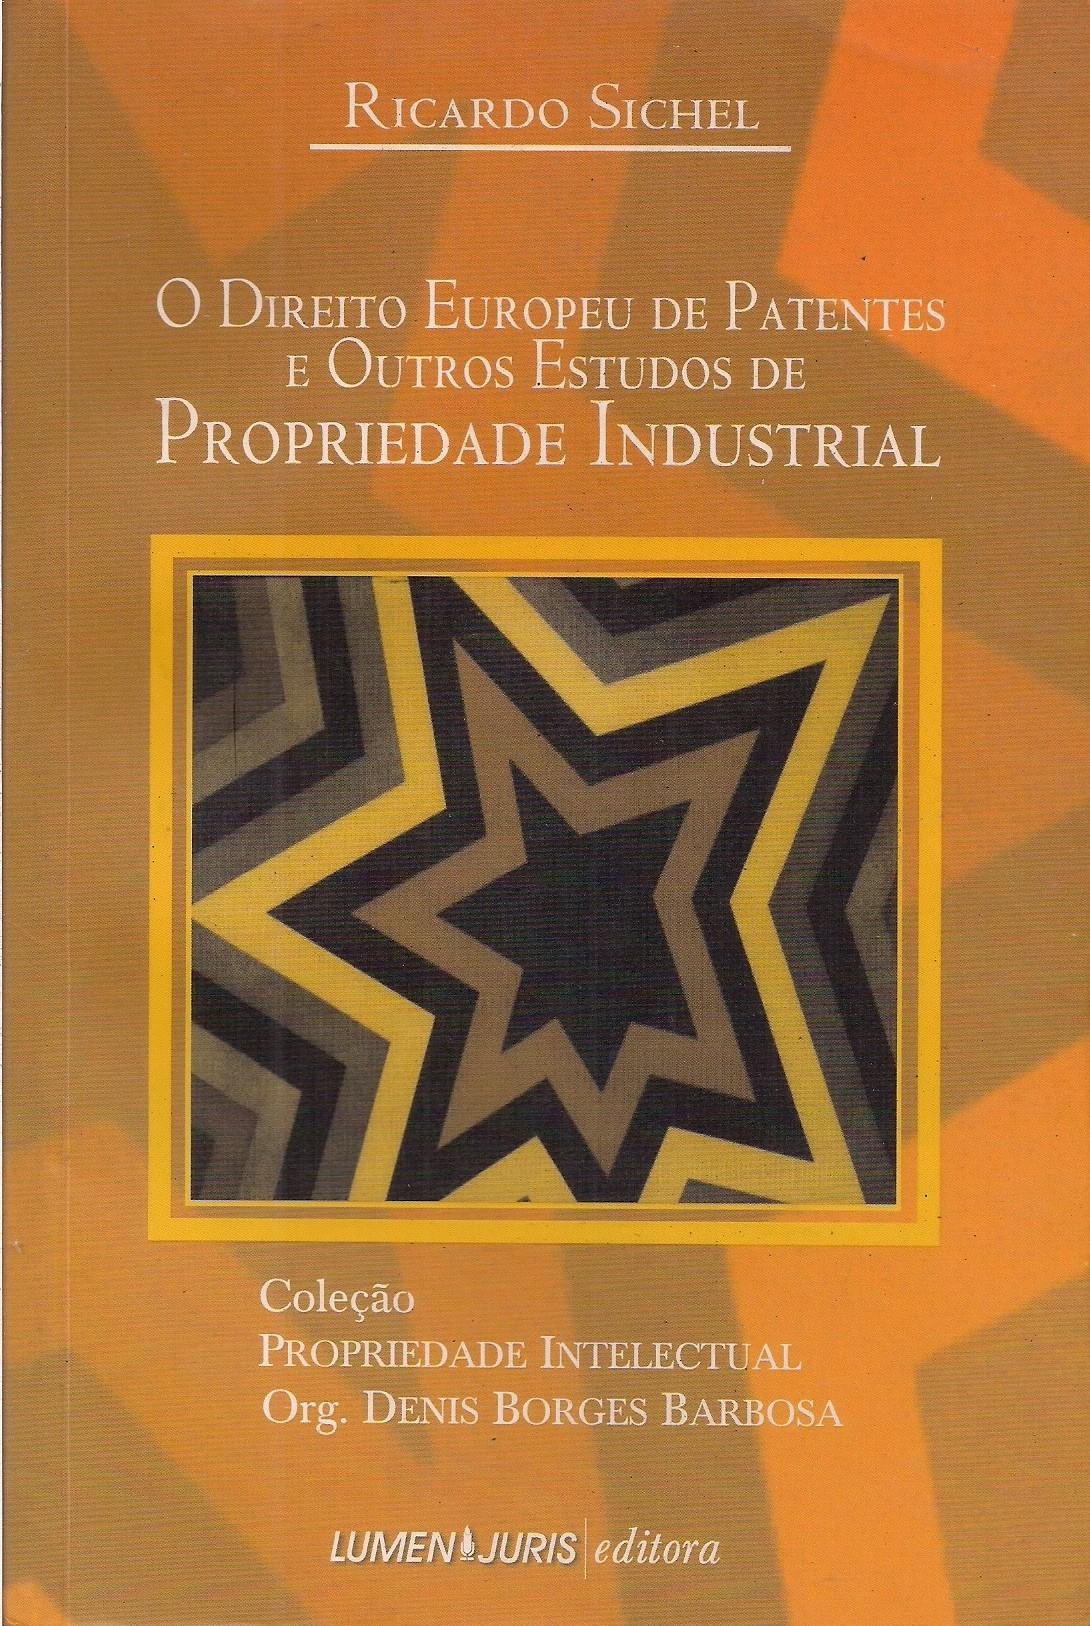 Foto 1 - O Direito Europeu de Patentes e Outros Estudos de Propriedade Industrial